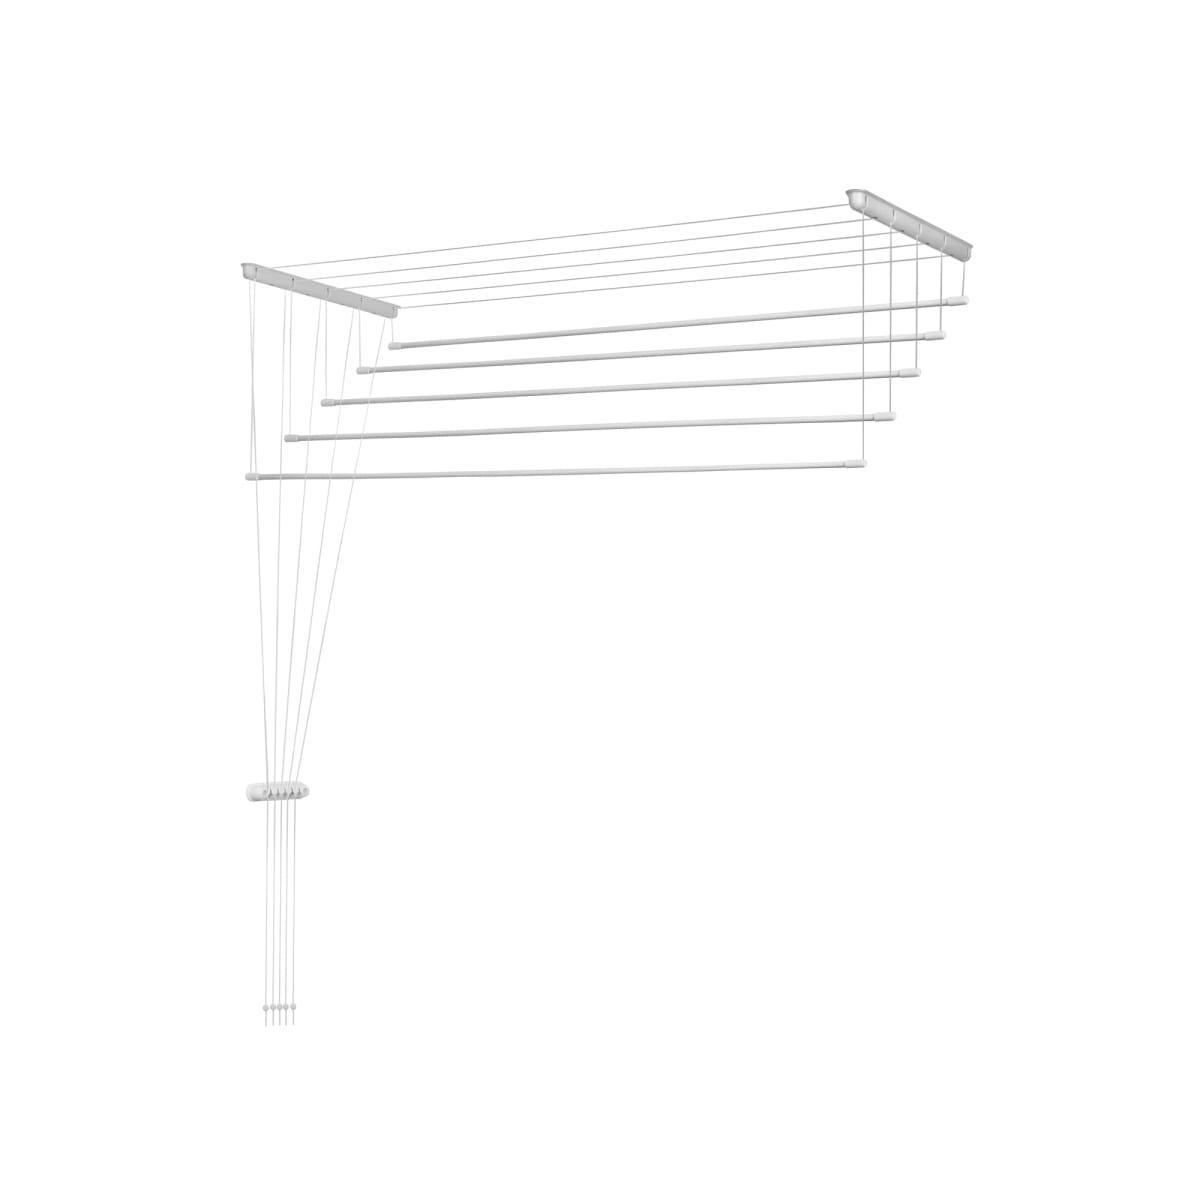 Сушилка для белья потолочная Lift Comfort, 1.6 м